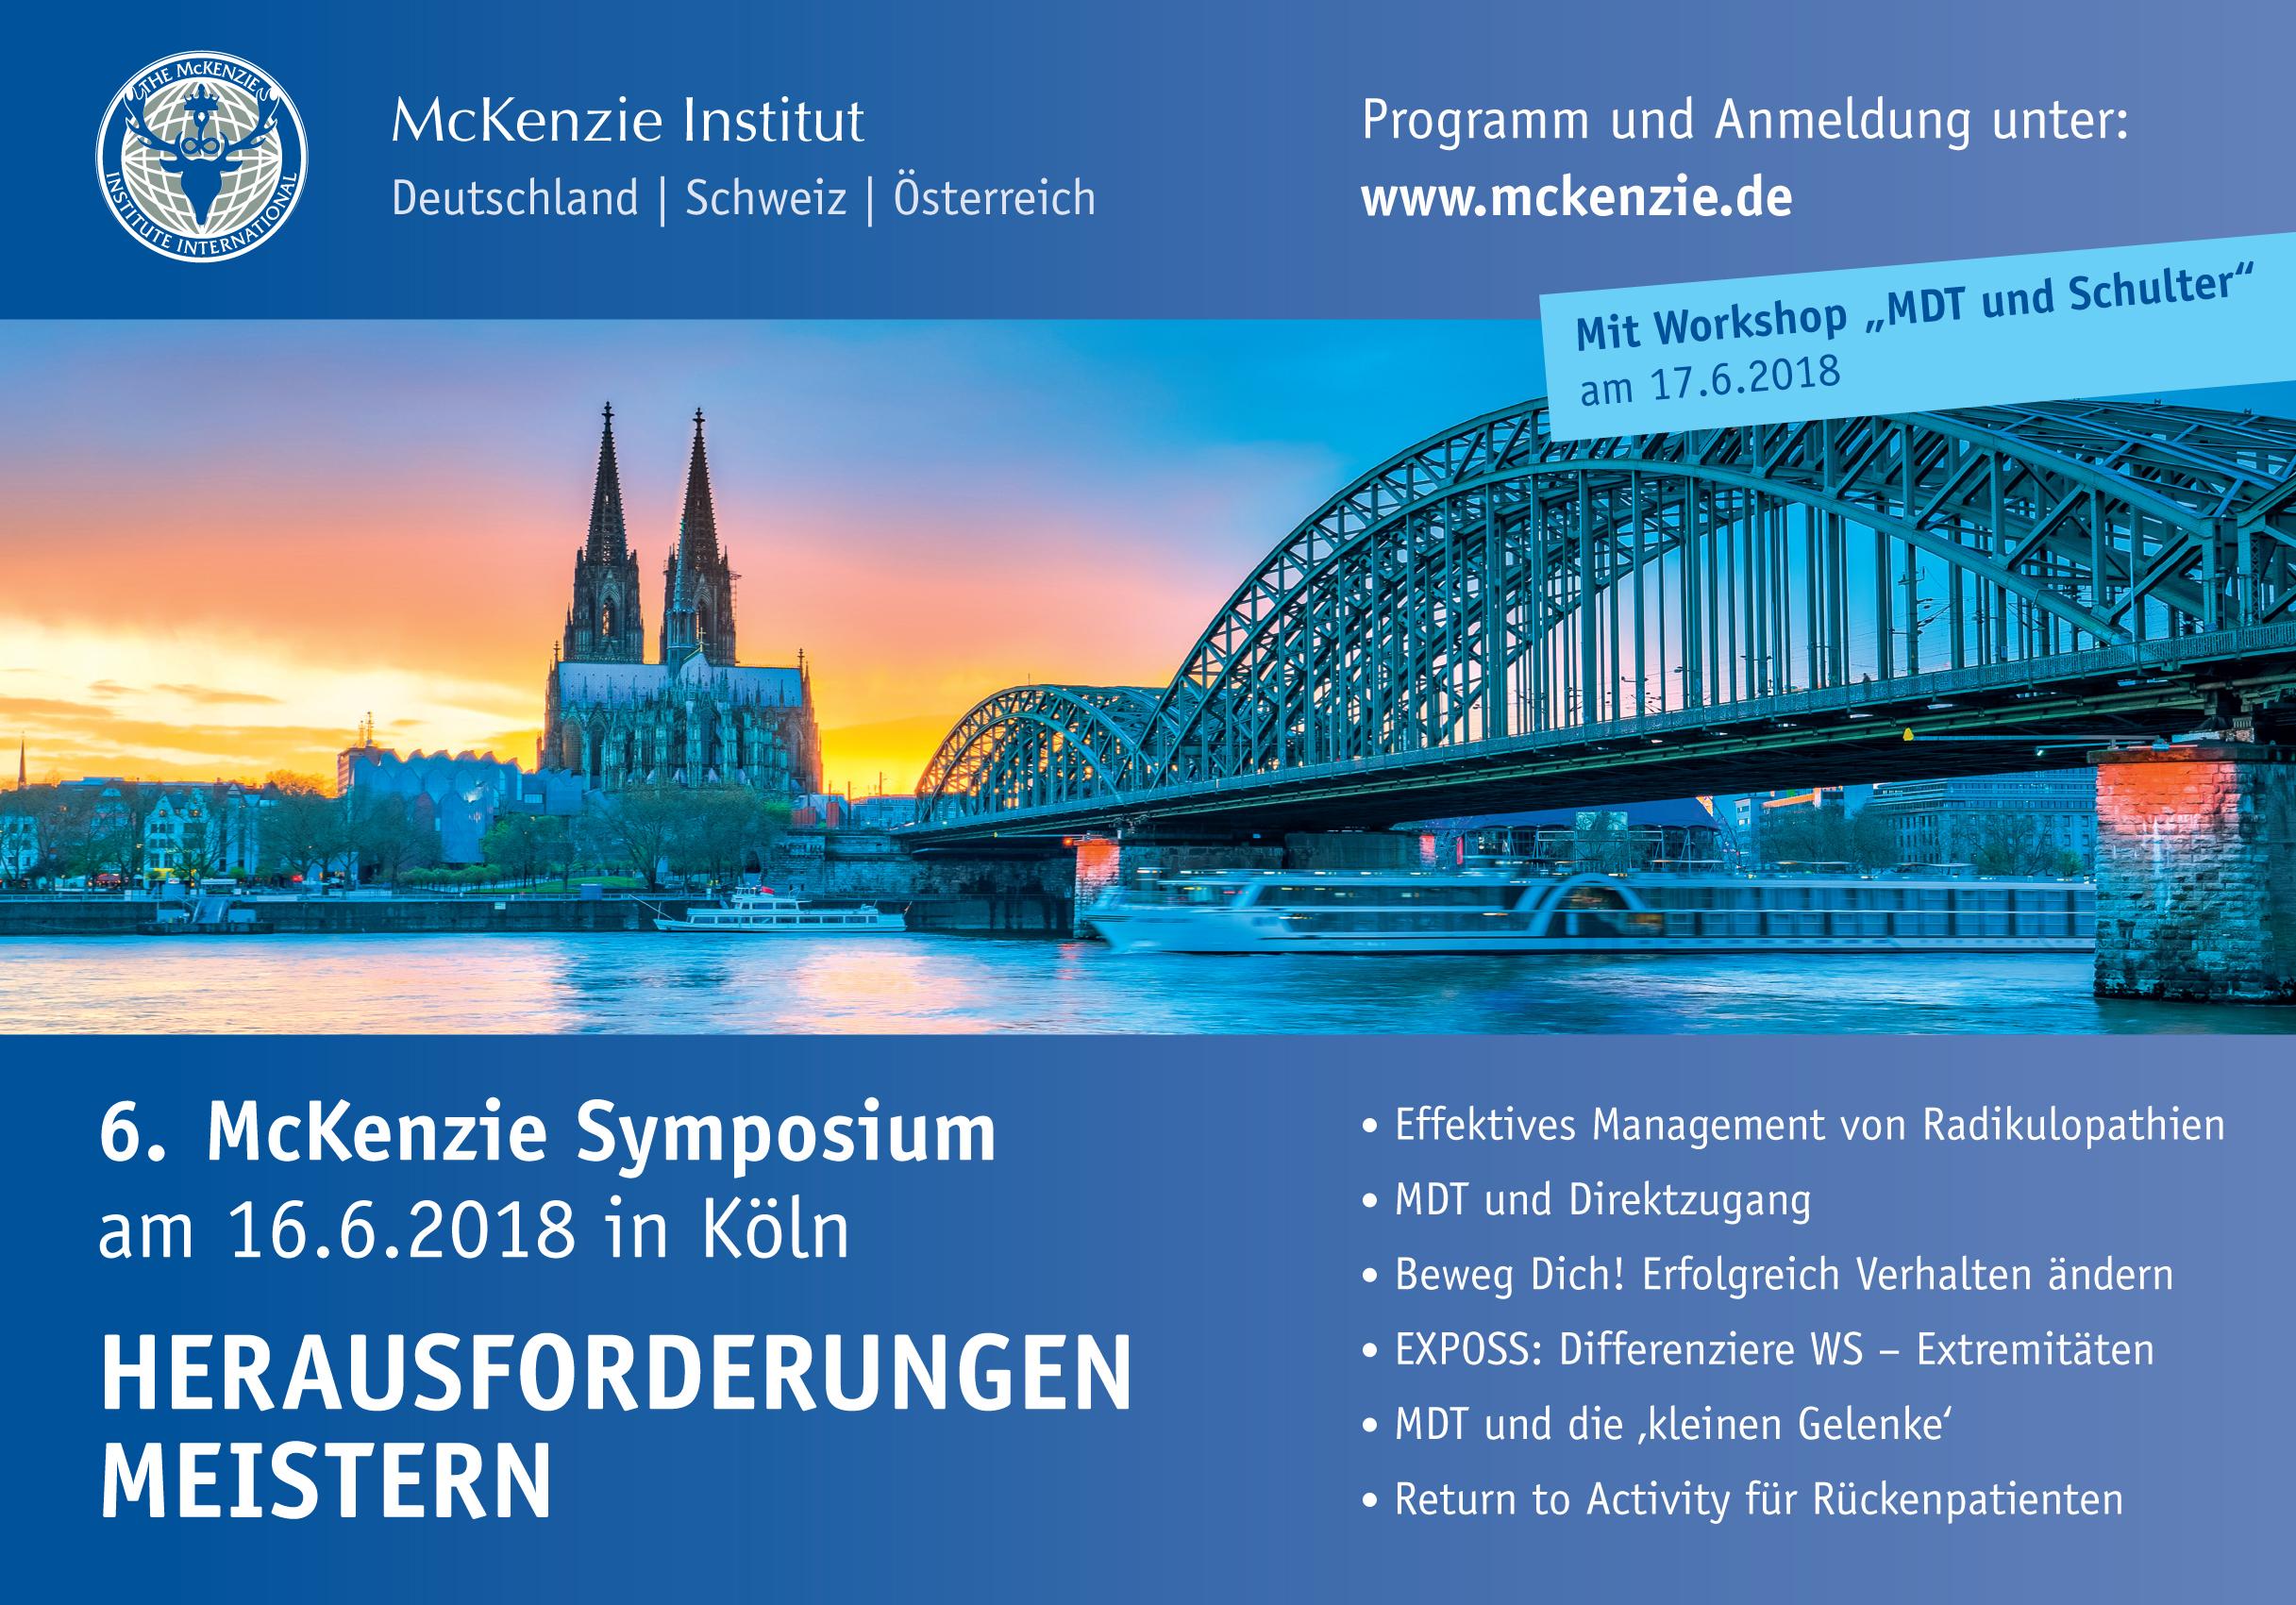 IMDTRF beim McKenzie Symposium in Köln